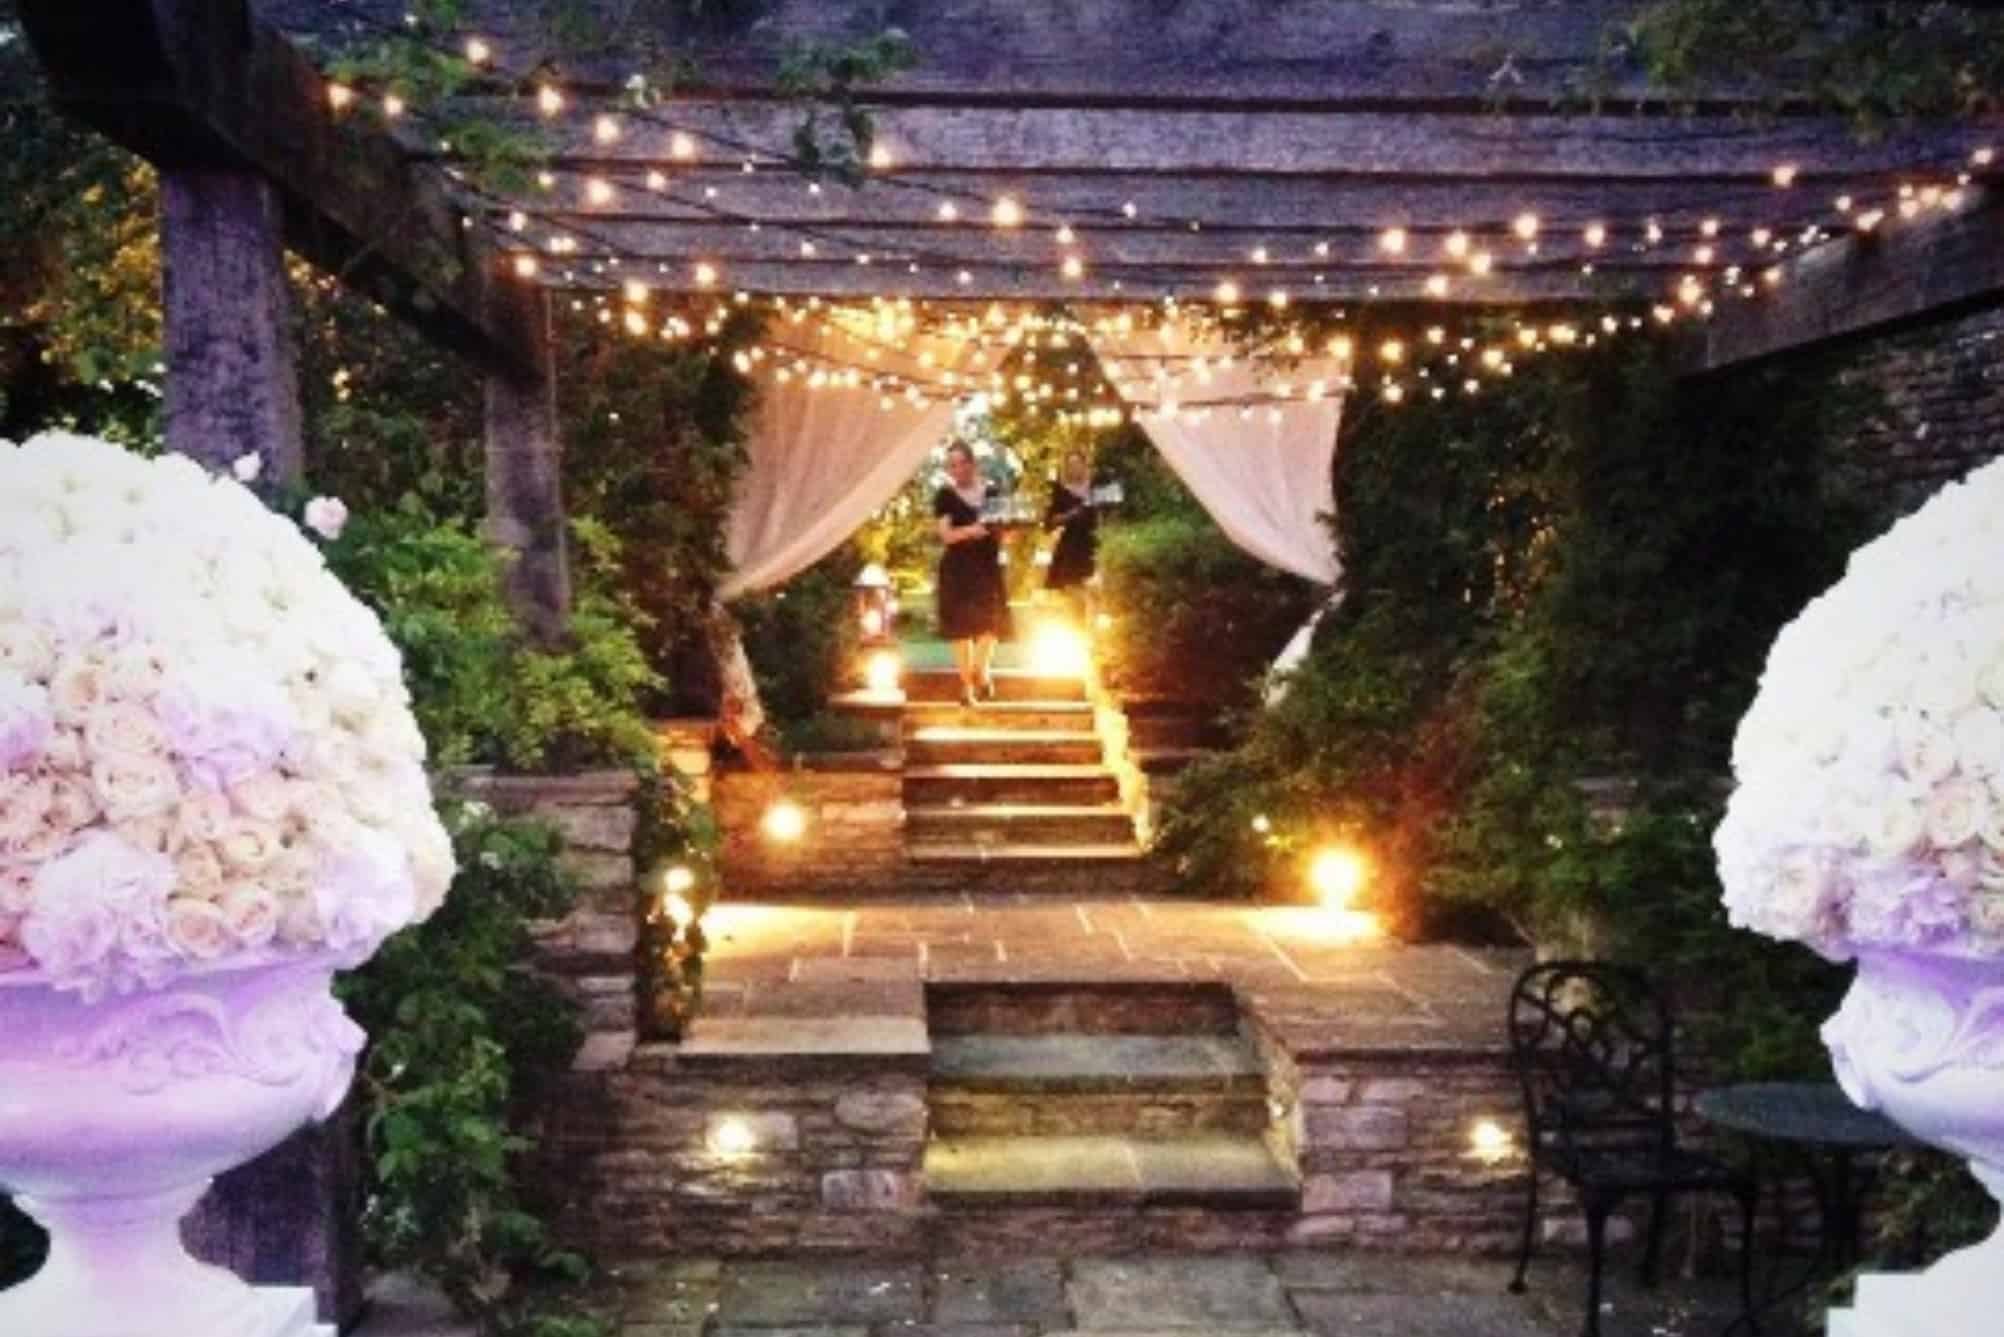 Star lit garden